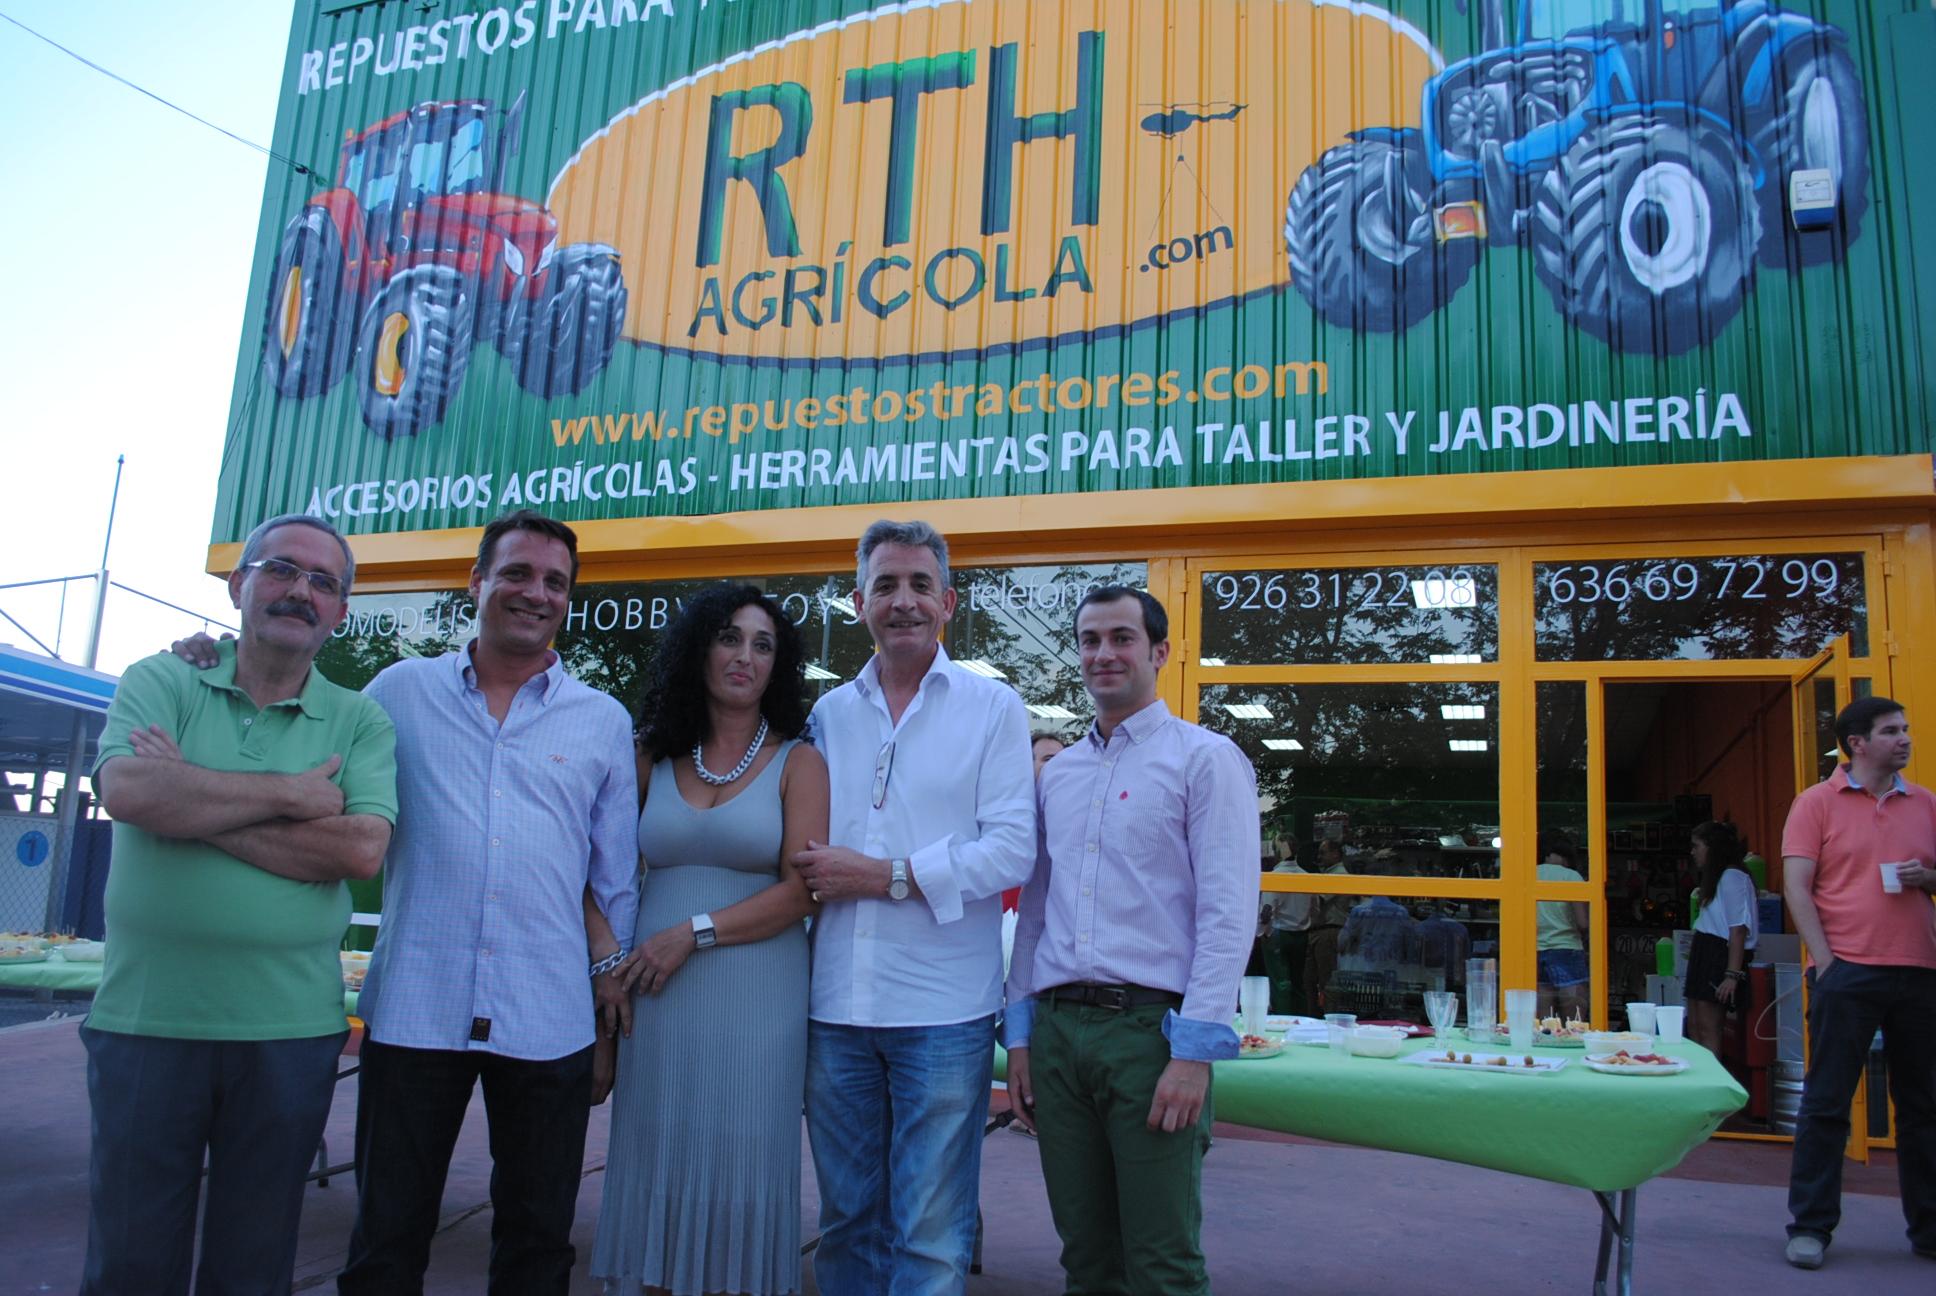 El alcalde asistió a la inauguración de las nuevas instalaciones de la empresa RTH Agrícola